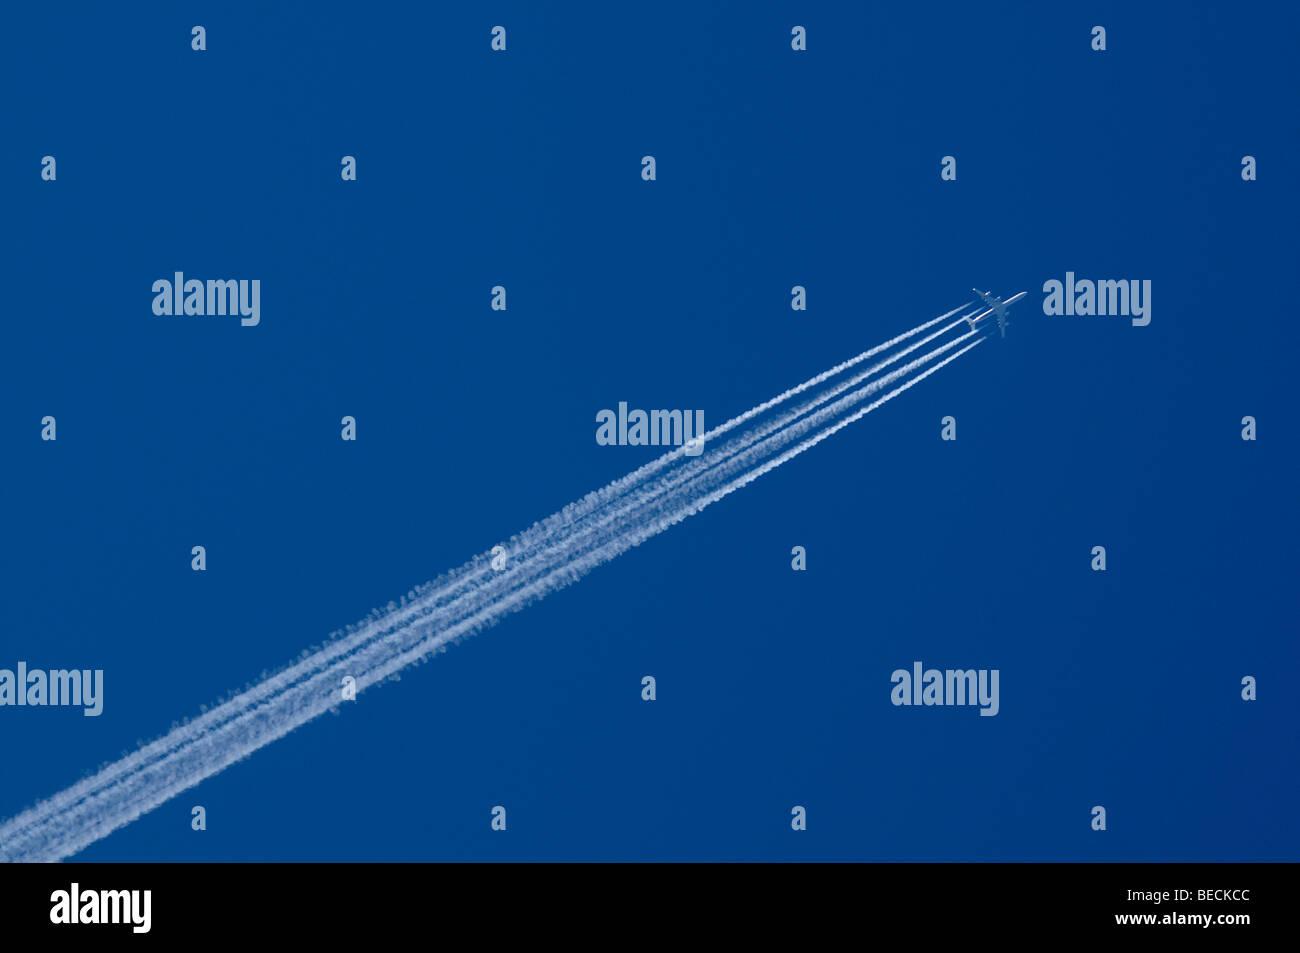 Quattro-motore aereo di linea il disegno di una contrail in un cielo blu chiaro Immagini Stock